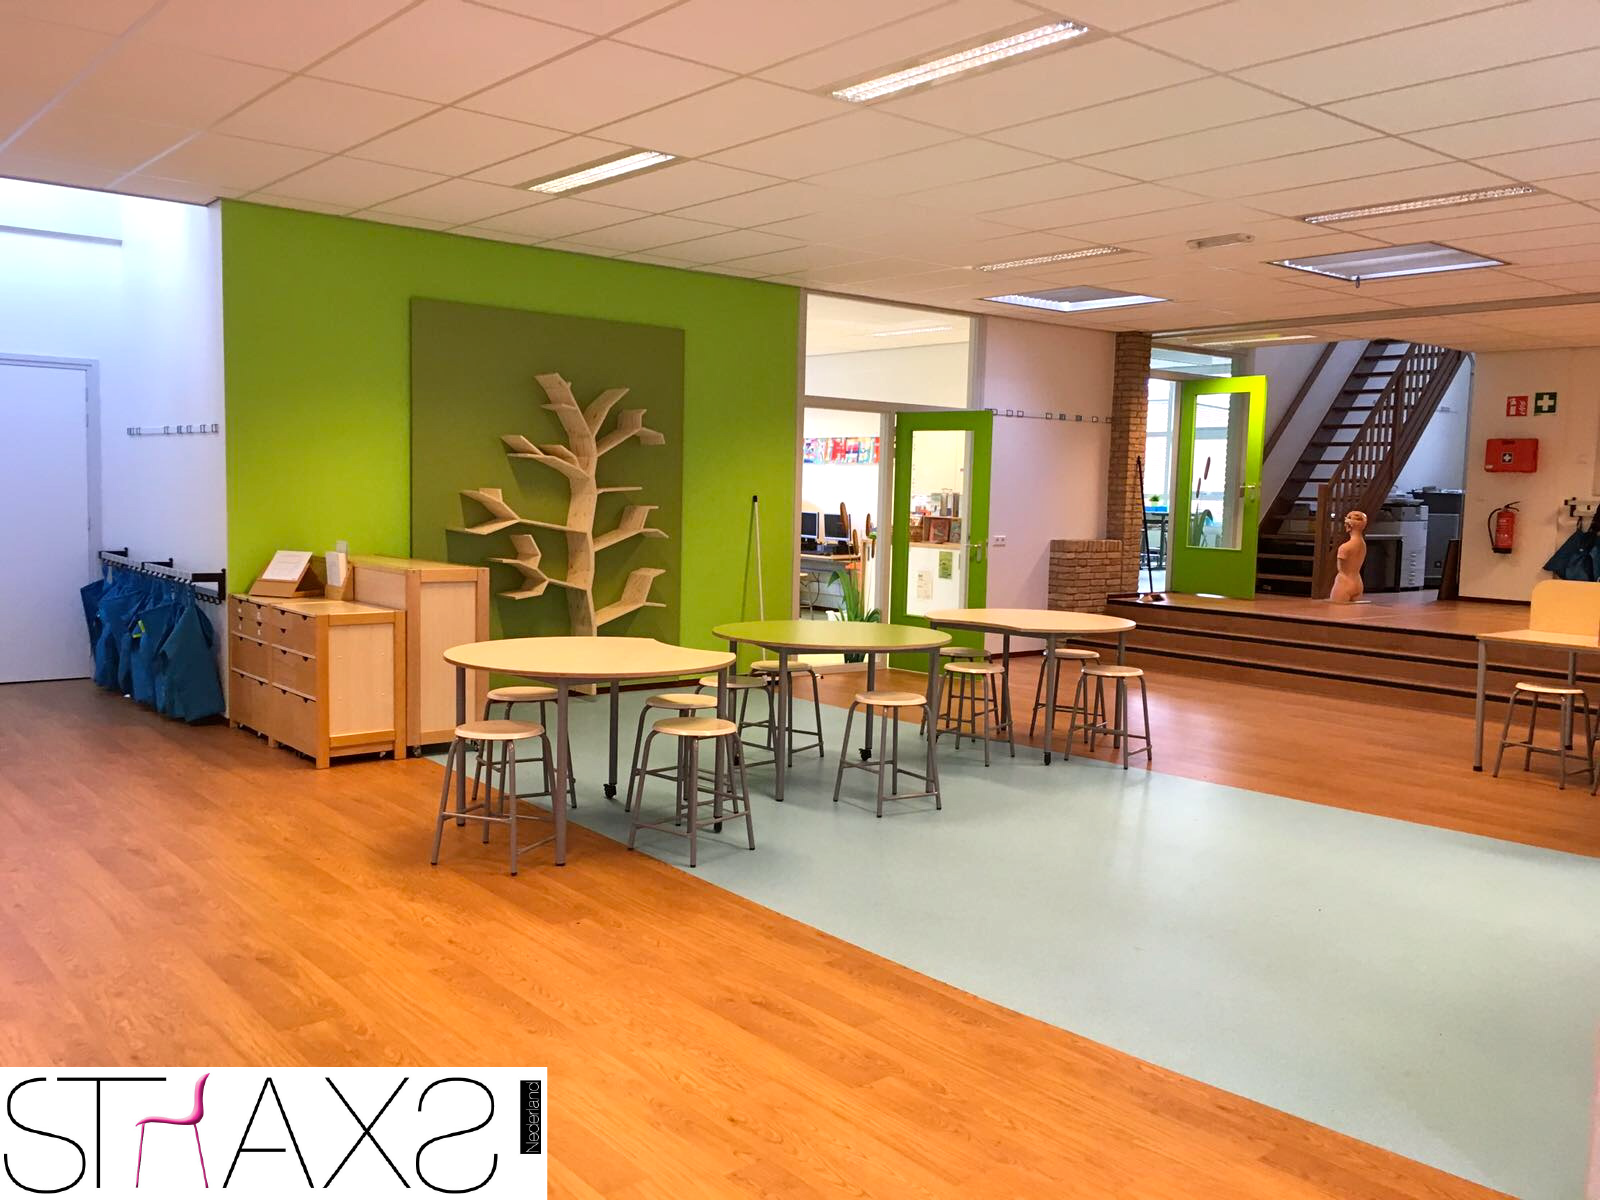 Straxs Nederland | De Stapsteen | Interieur | Interior | School ...